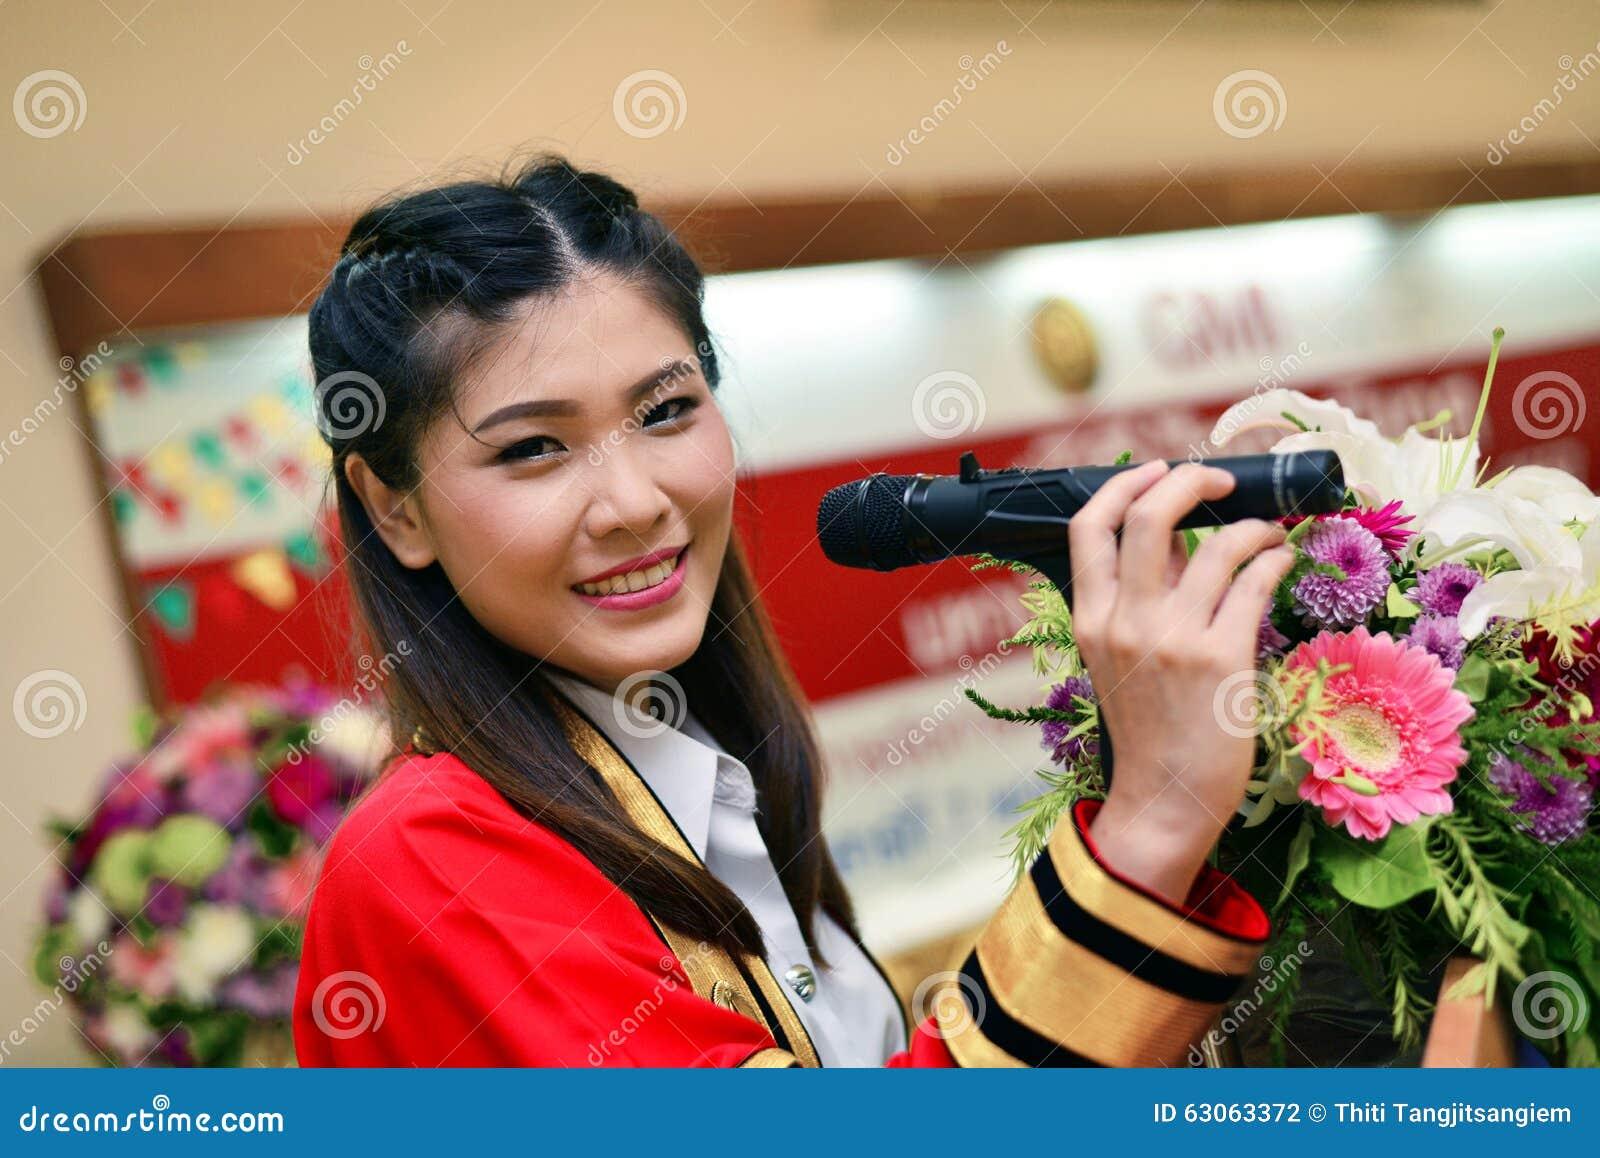 thai porno girl action